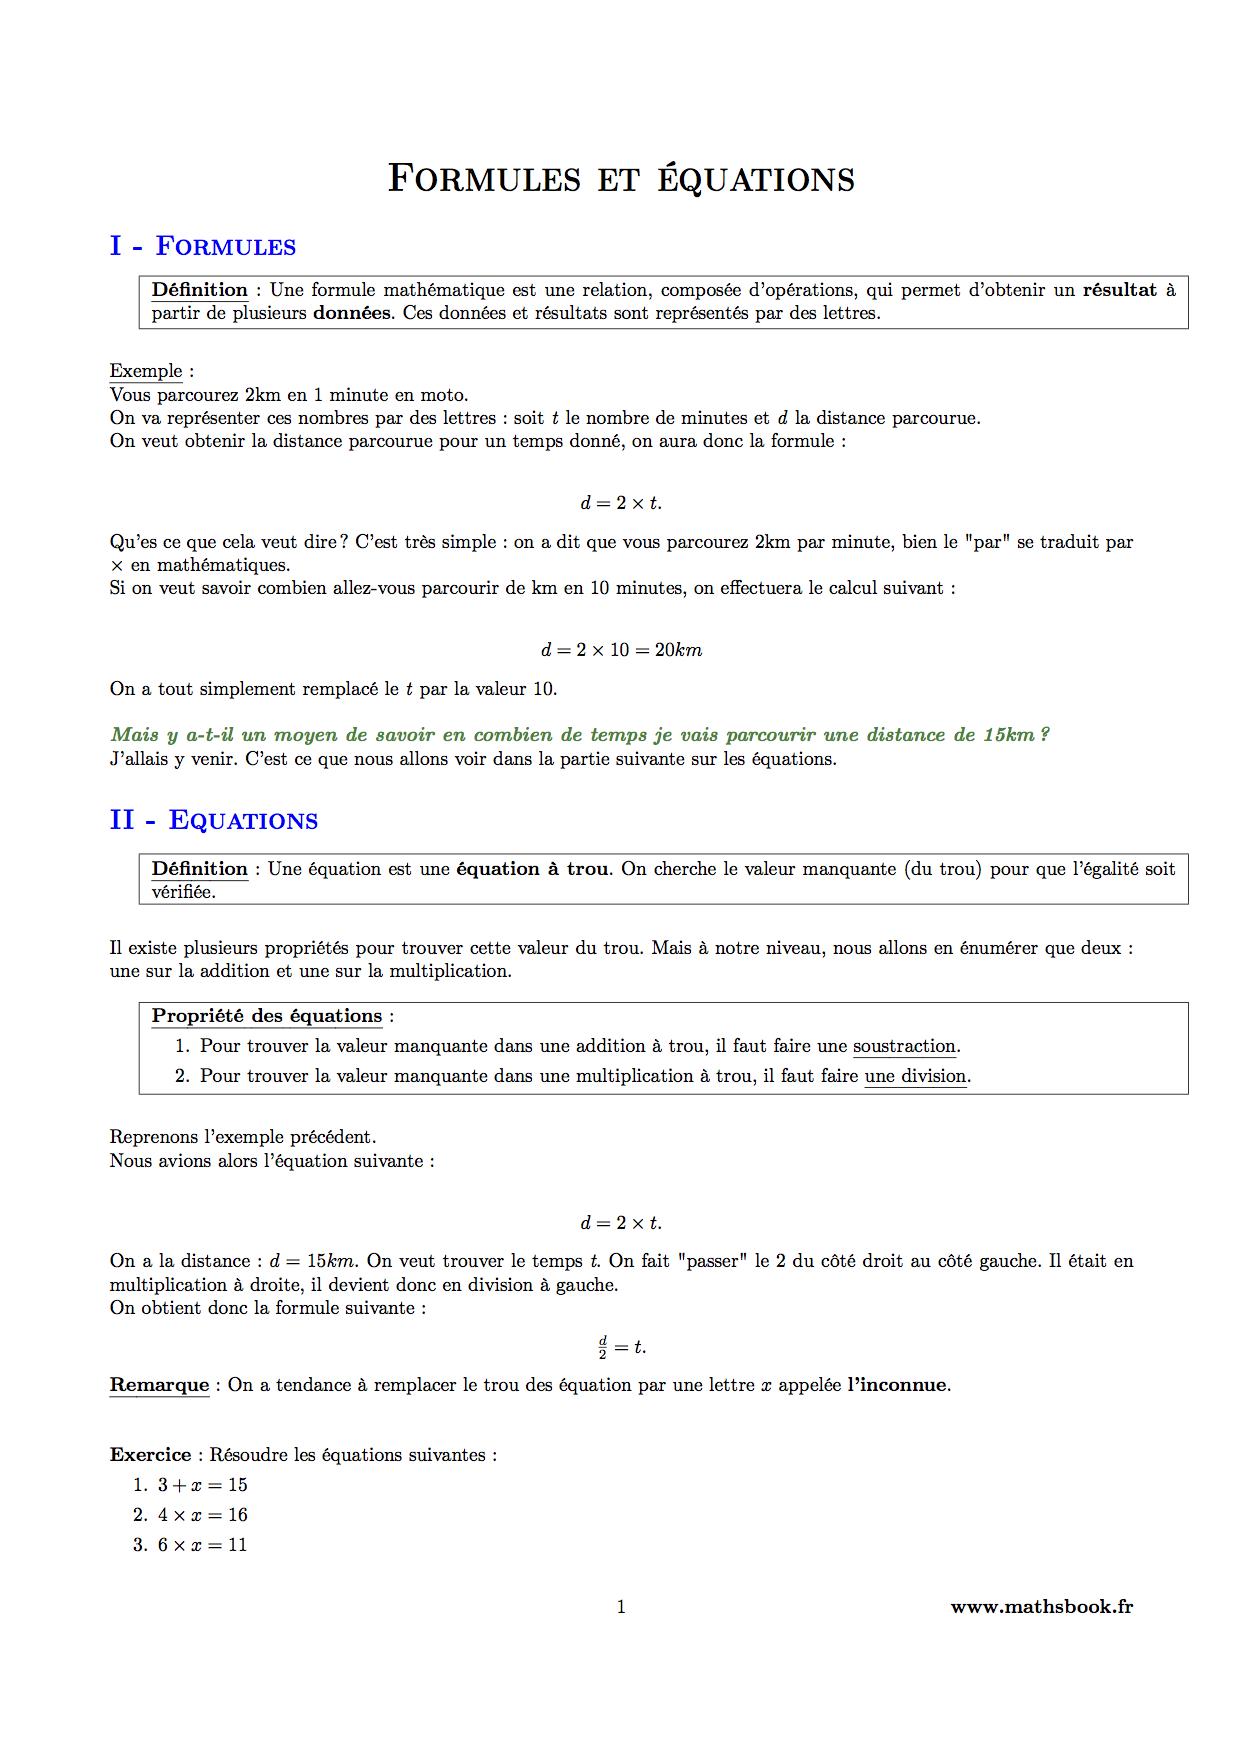 Formules et équations : Cours PDF à imprimer | Maths 6ème